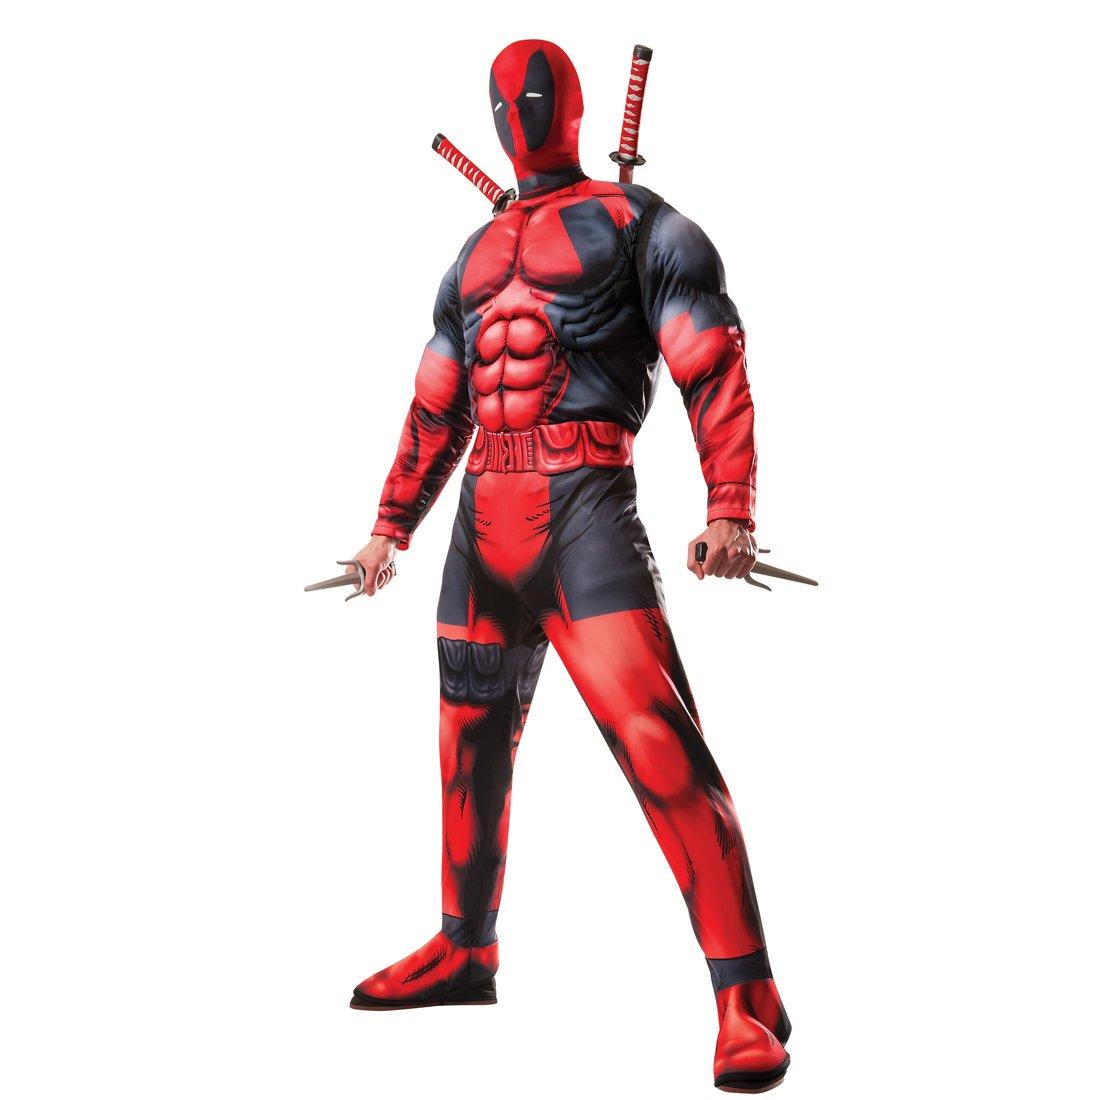 Amakando Herrenkostüm Superheld - STD (48 - 52) - Deadpool Anzug Herren Marvel Heldenkostüm Männer Superhelden Kostüm Superhero Outfit Erwachsene Deadpool Kostüm mit Maske